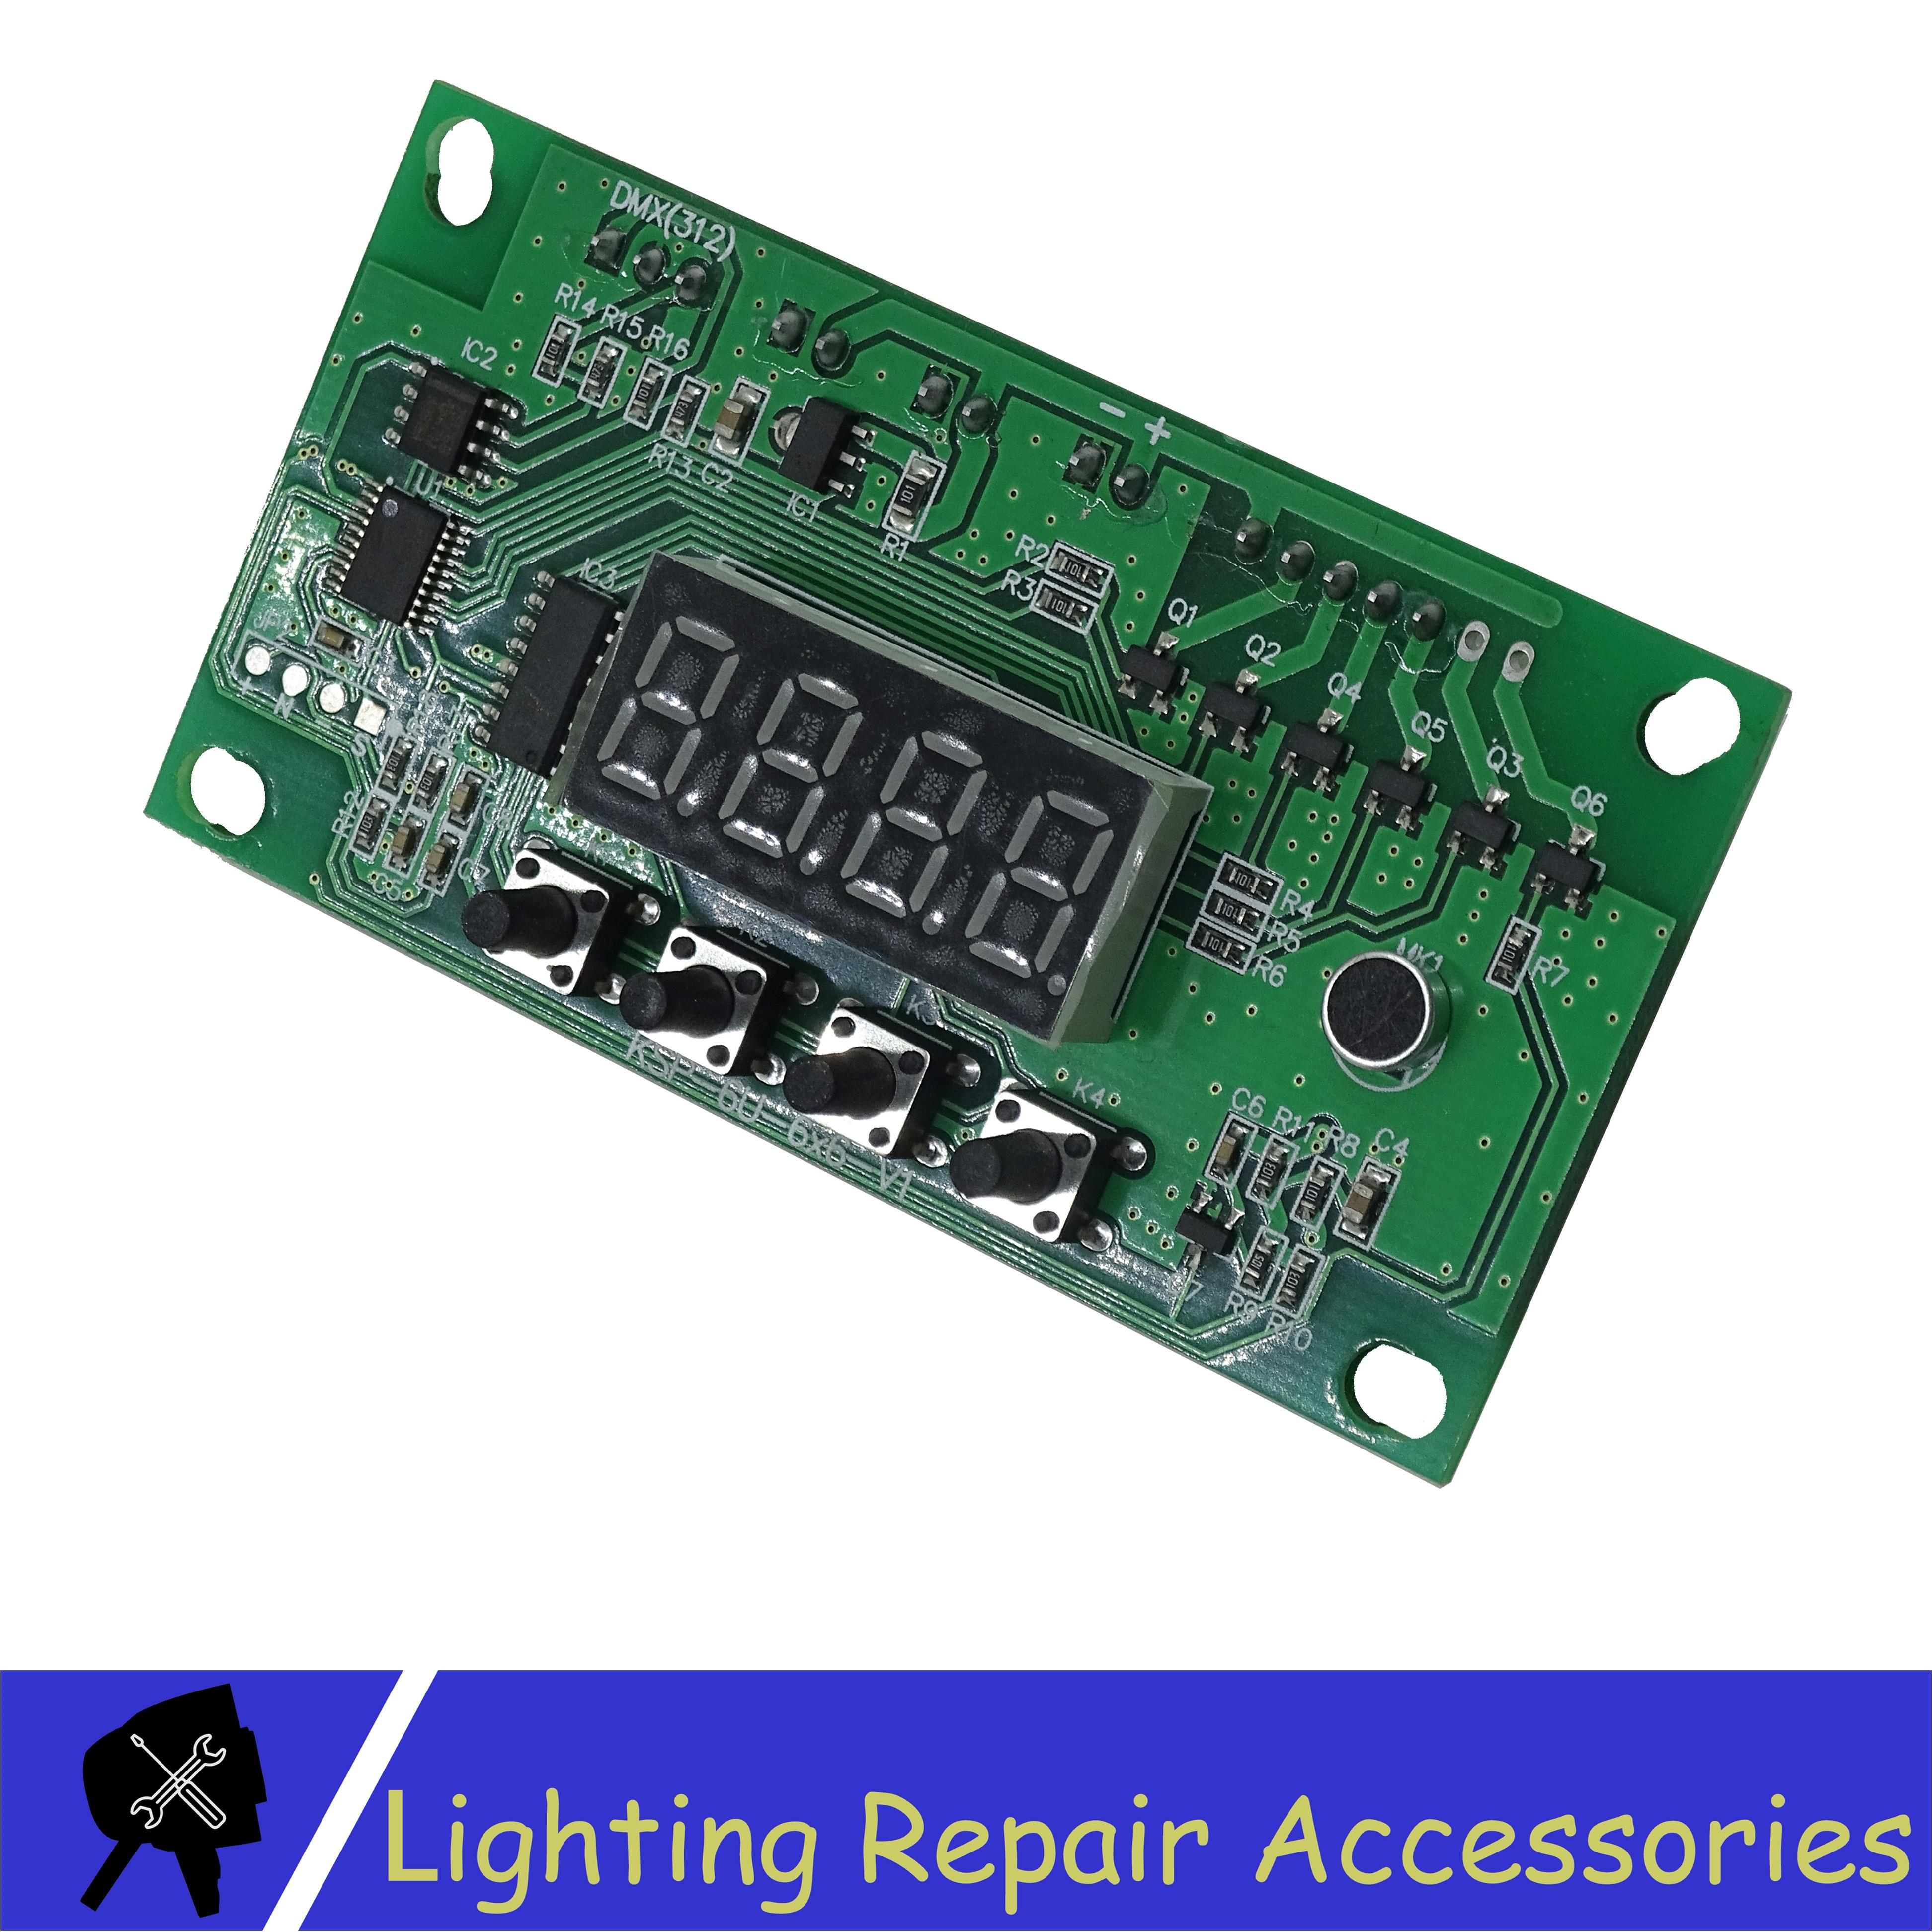 Voltage 12-36V Par Led RGBW 4in1 Motherboard 4/8 Channel 7x10w 18x3w 7x12W 6x12w 5x12w 12x12w LED PAR Motherboard